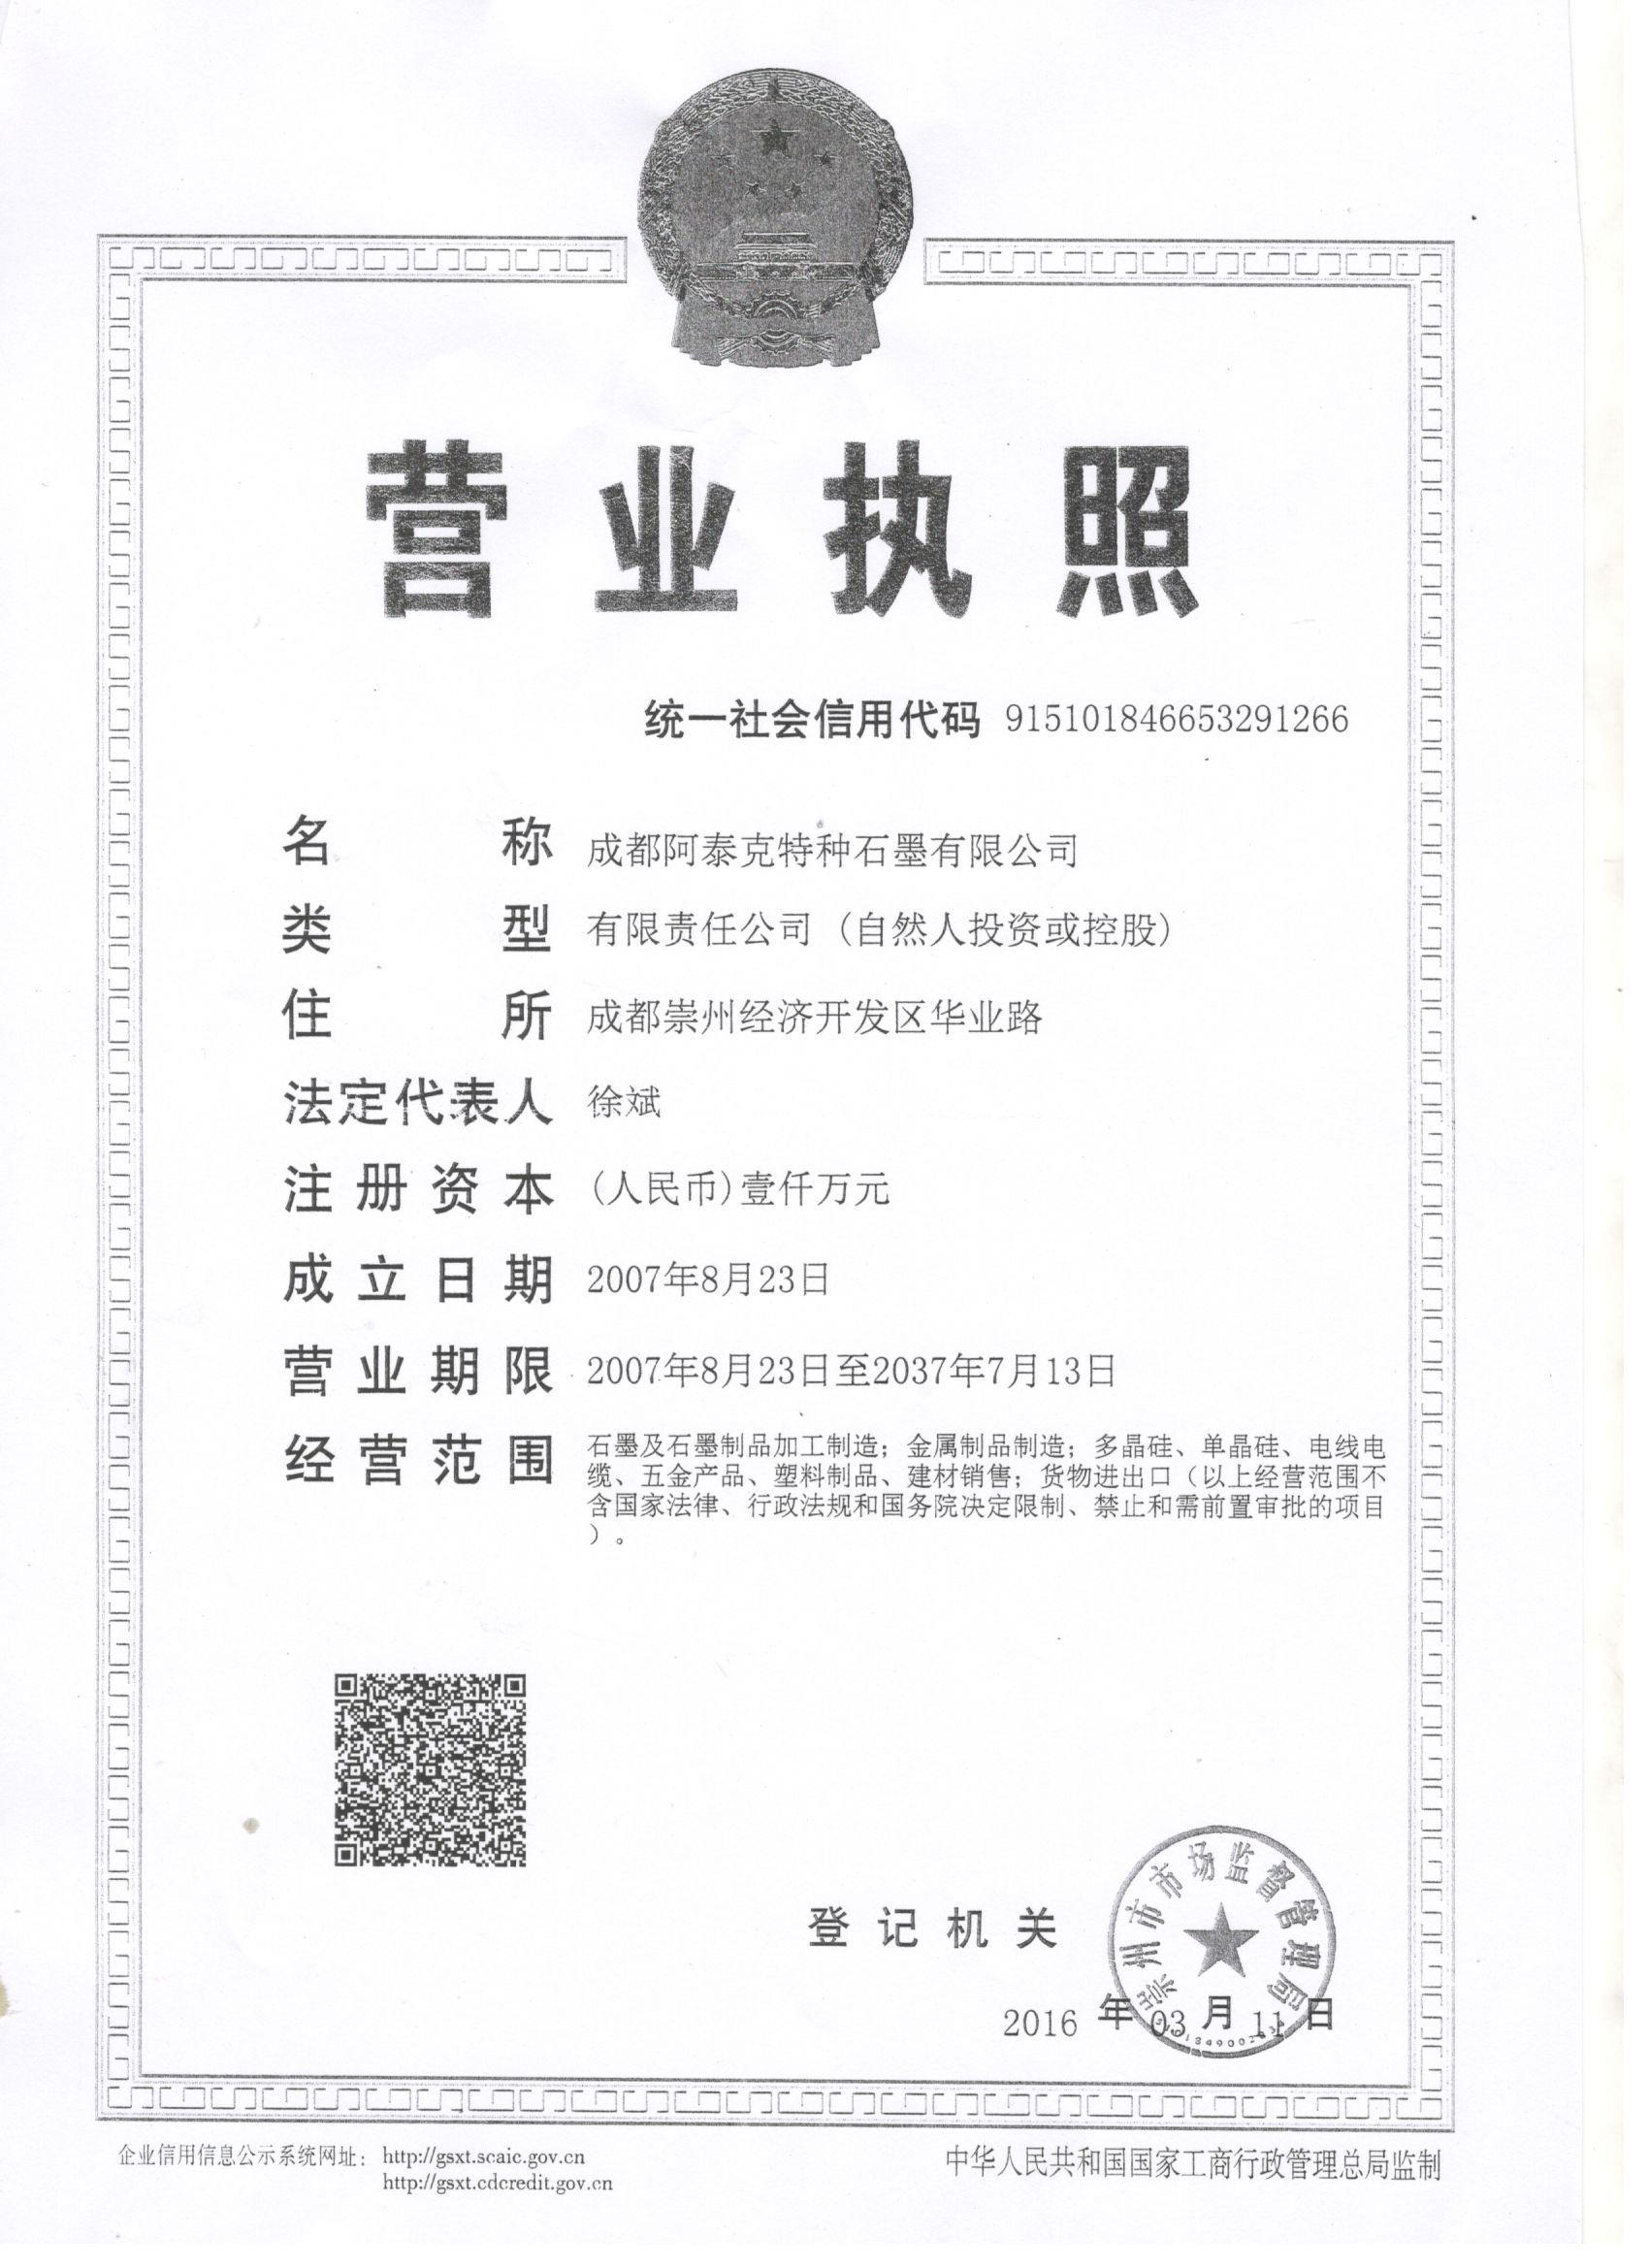 阿泰克betway必威注册网址营业执照(正本)